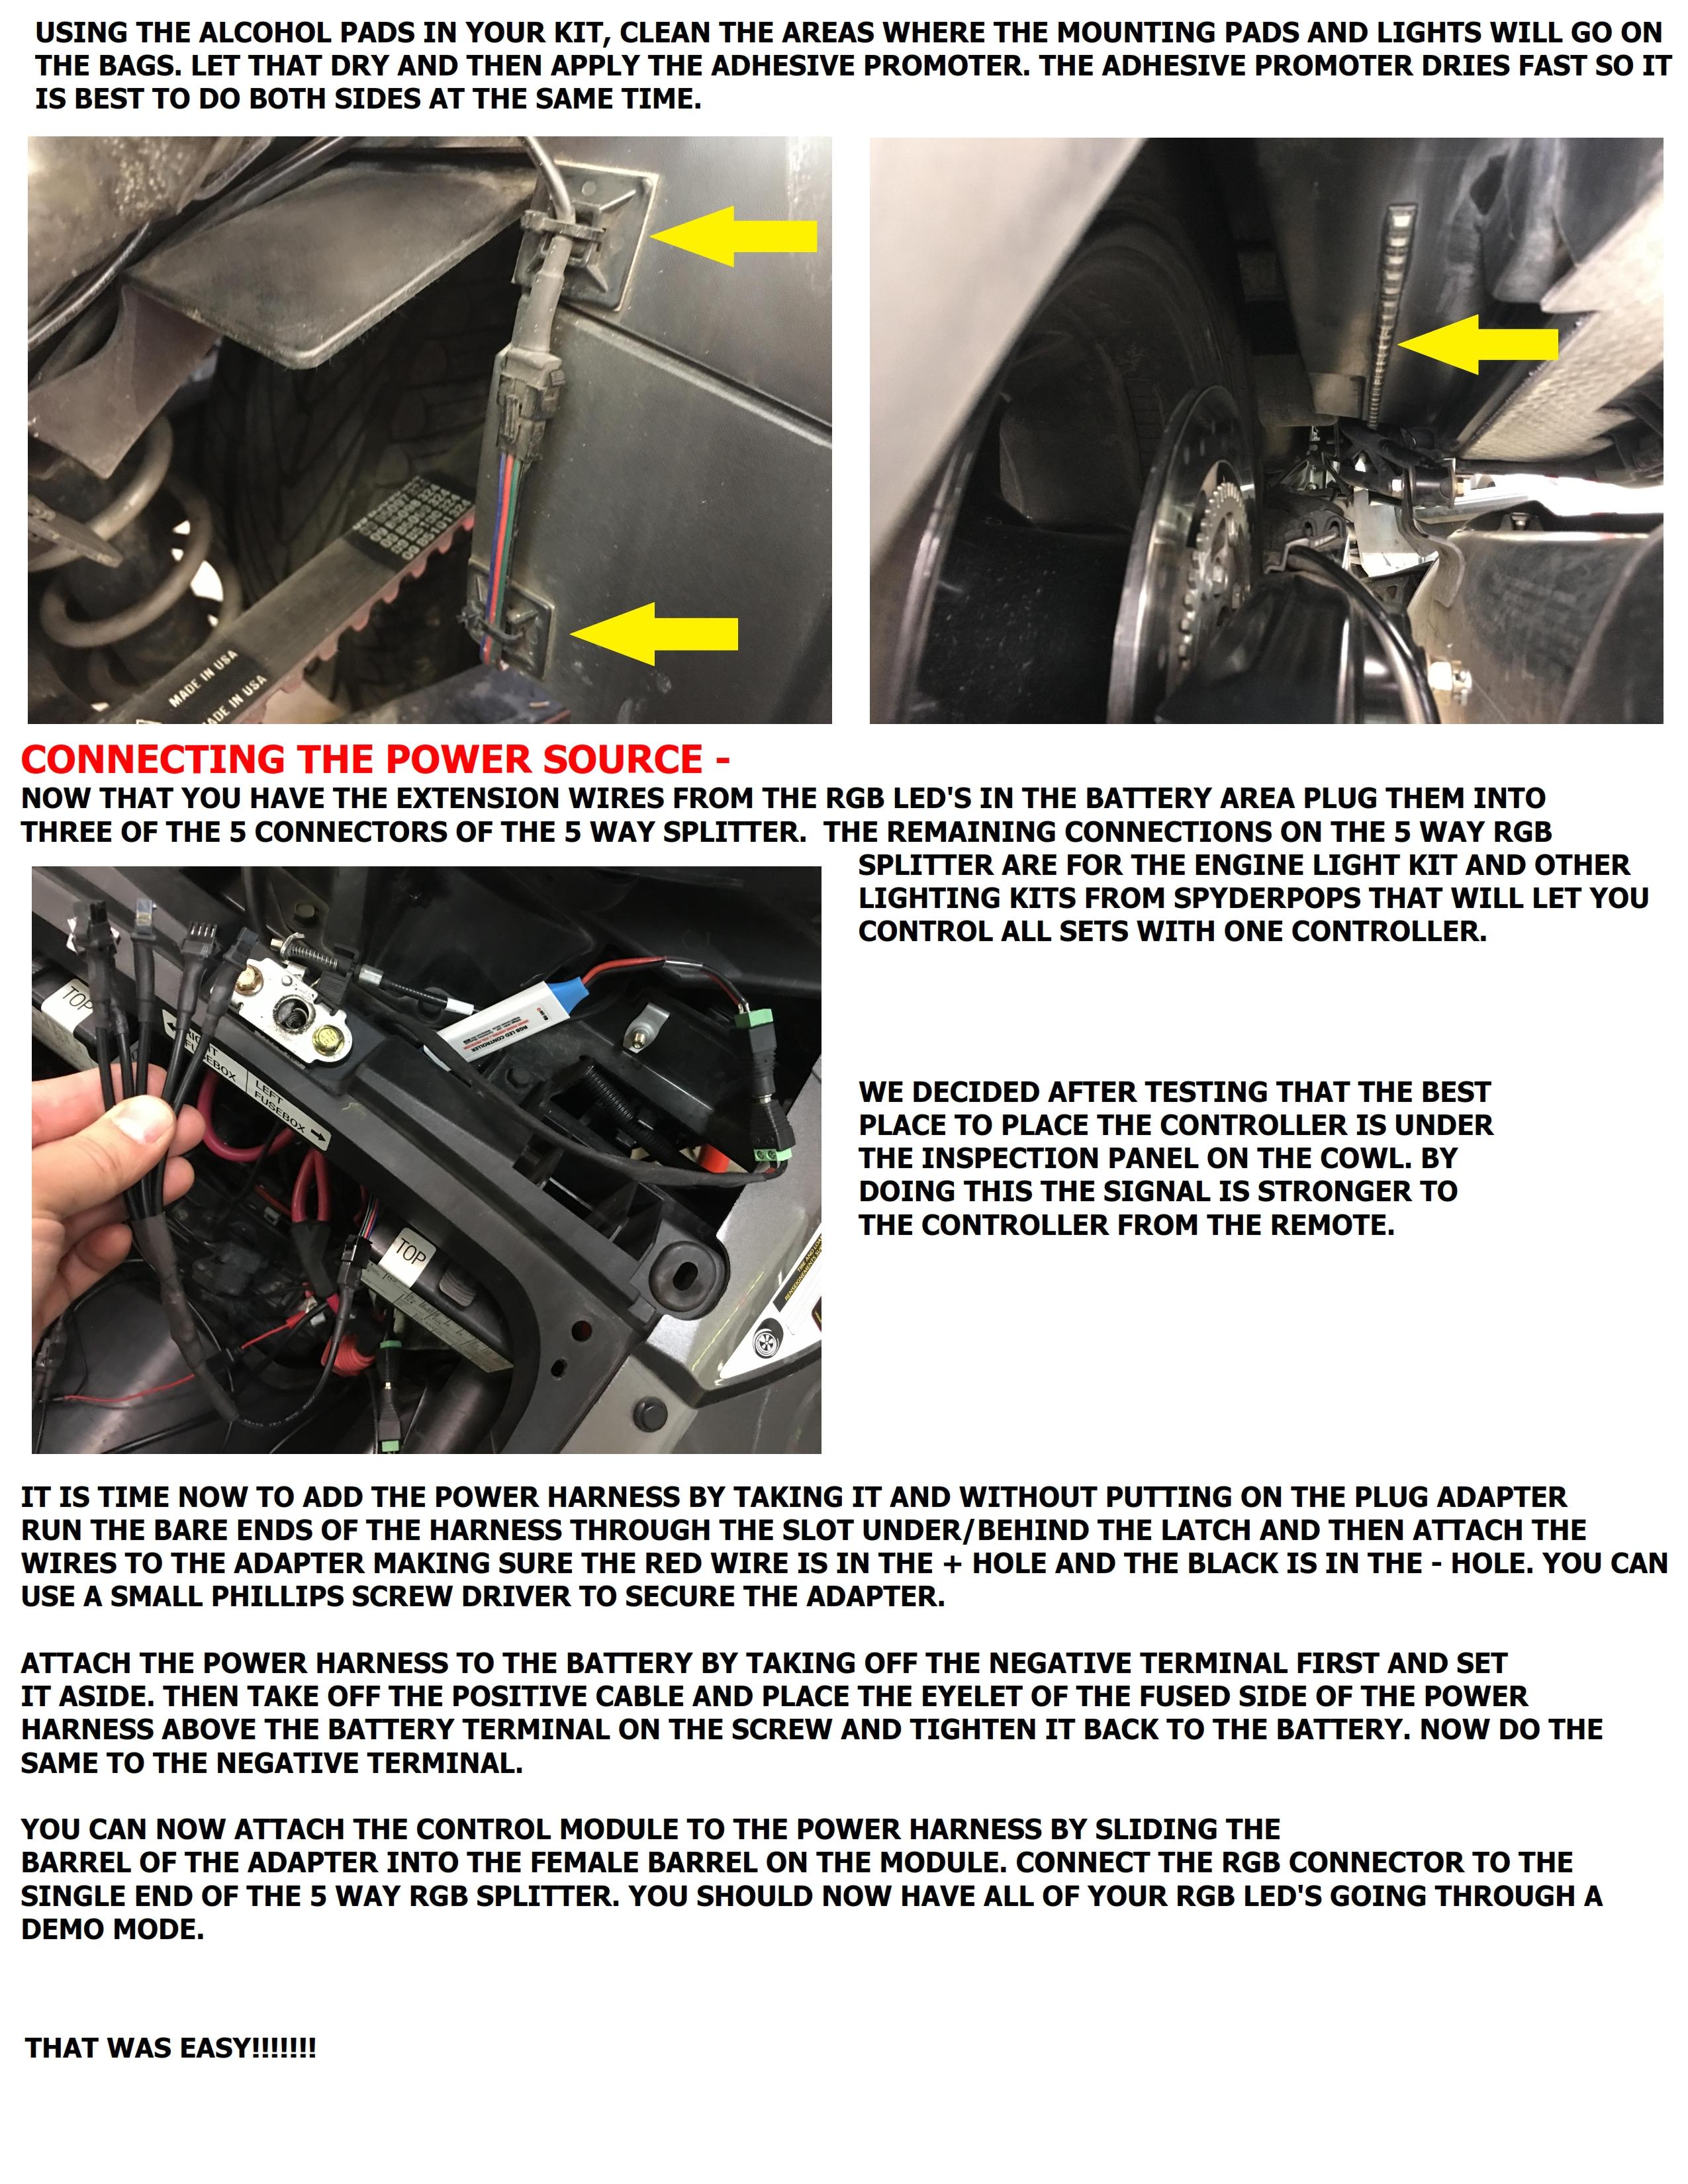 spy215-f3t-ltd-down-and-unders-003.jpg